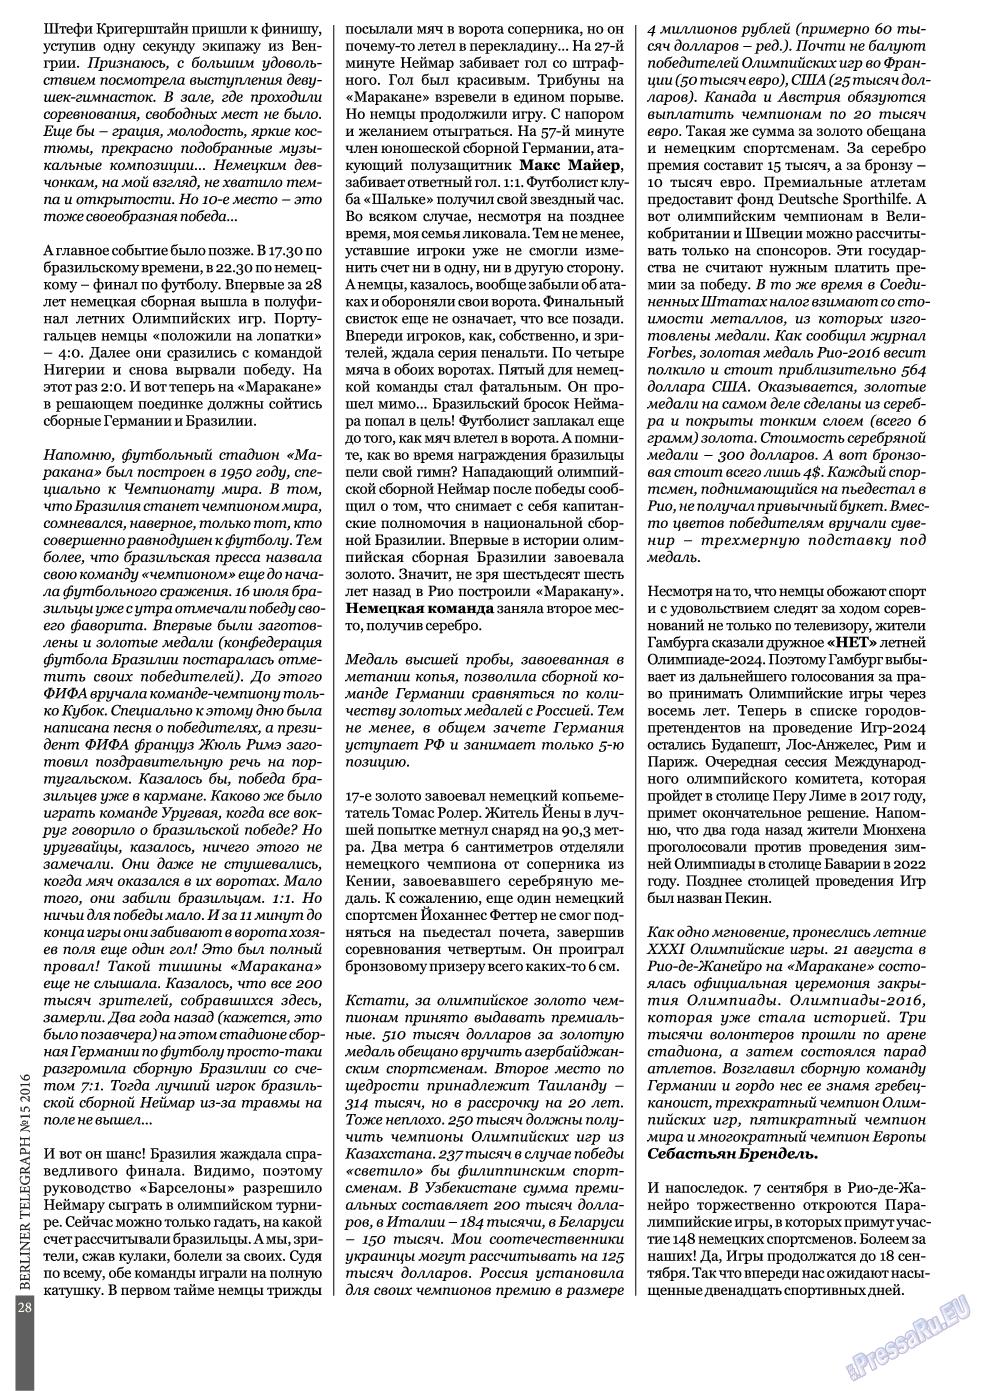 Берлинский телеграф (журнал). 2016 год, номер 15, стр. 28